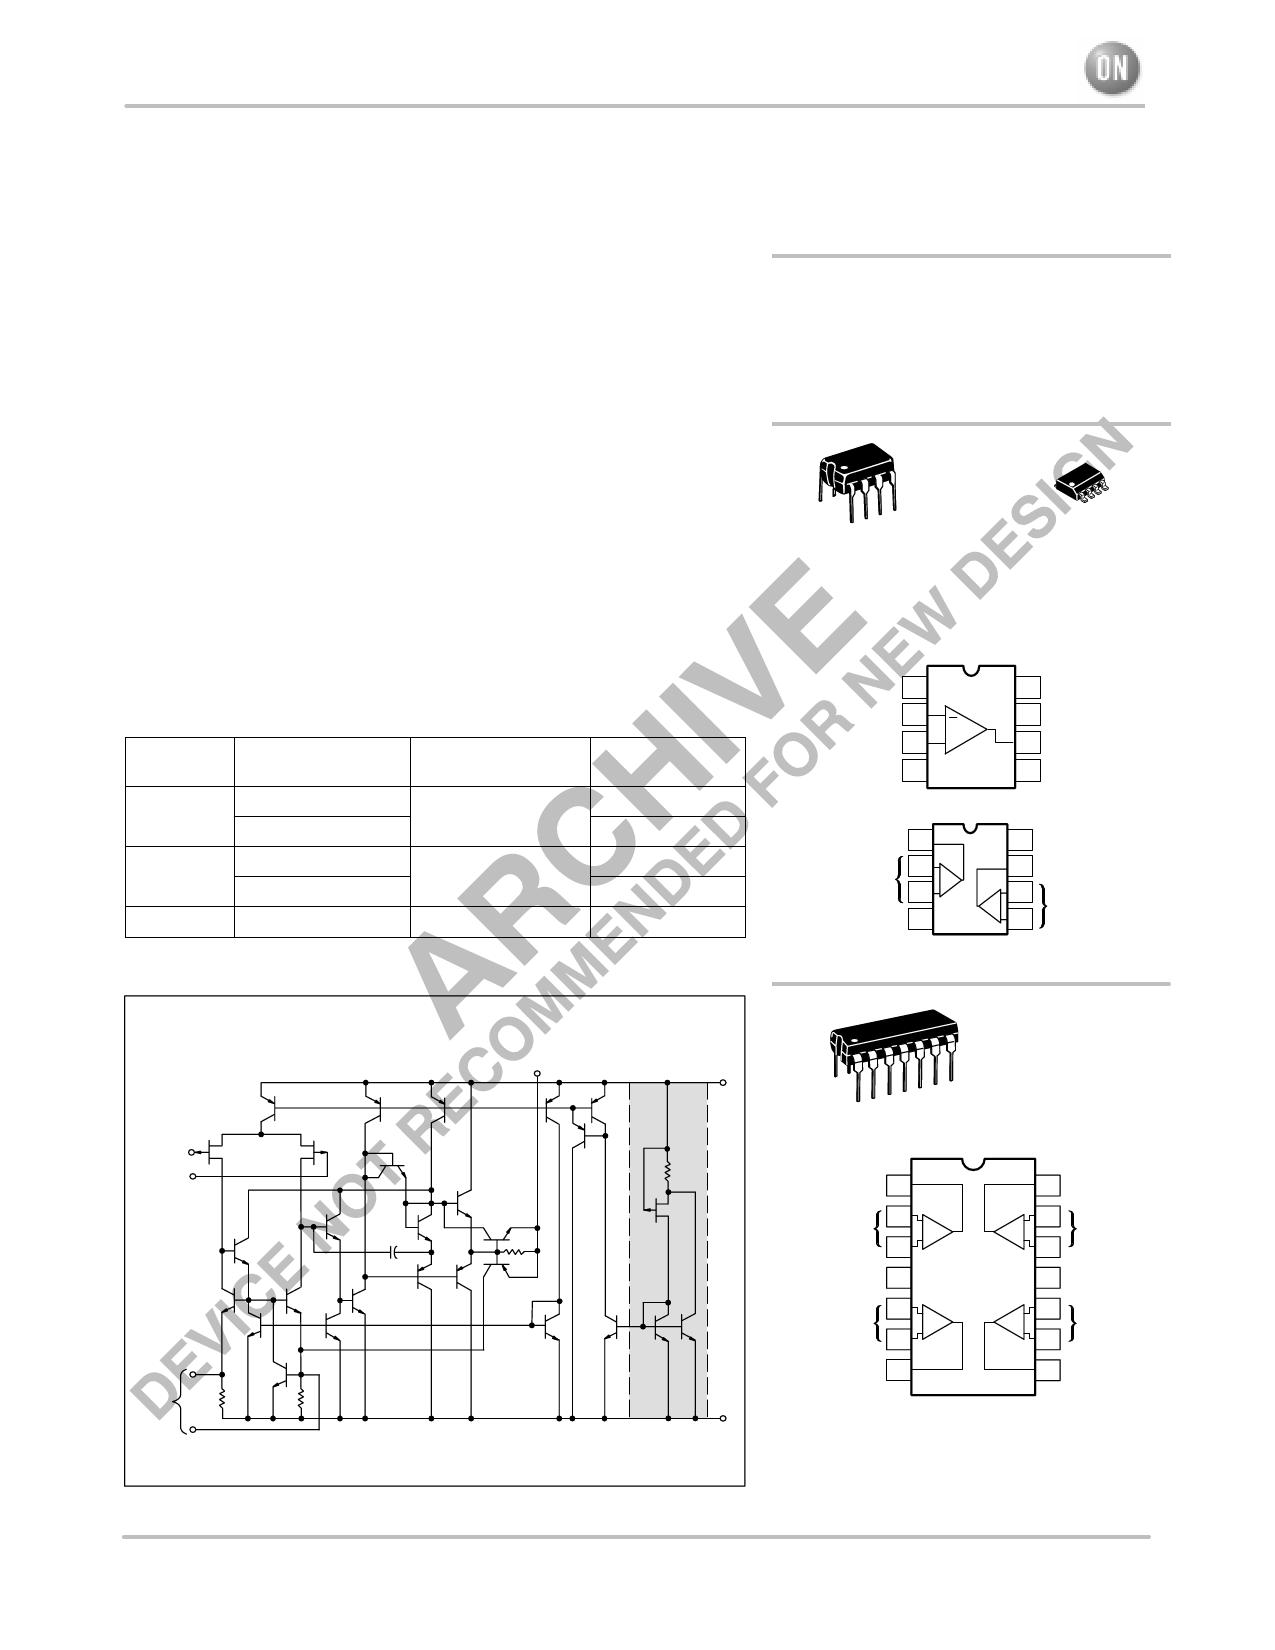 TL081 Datasheet PDF, ON Semiconductor :: QDATASHEET